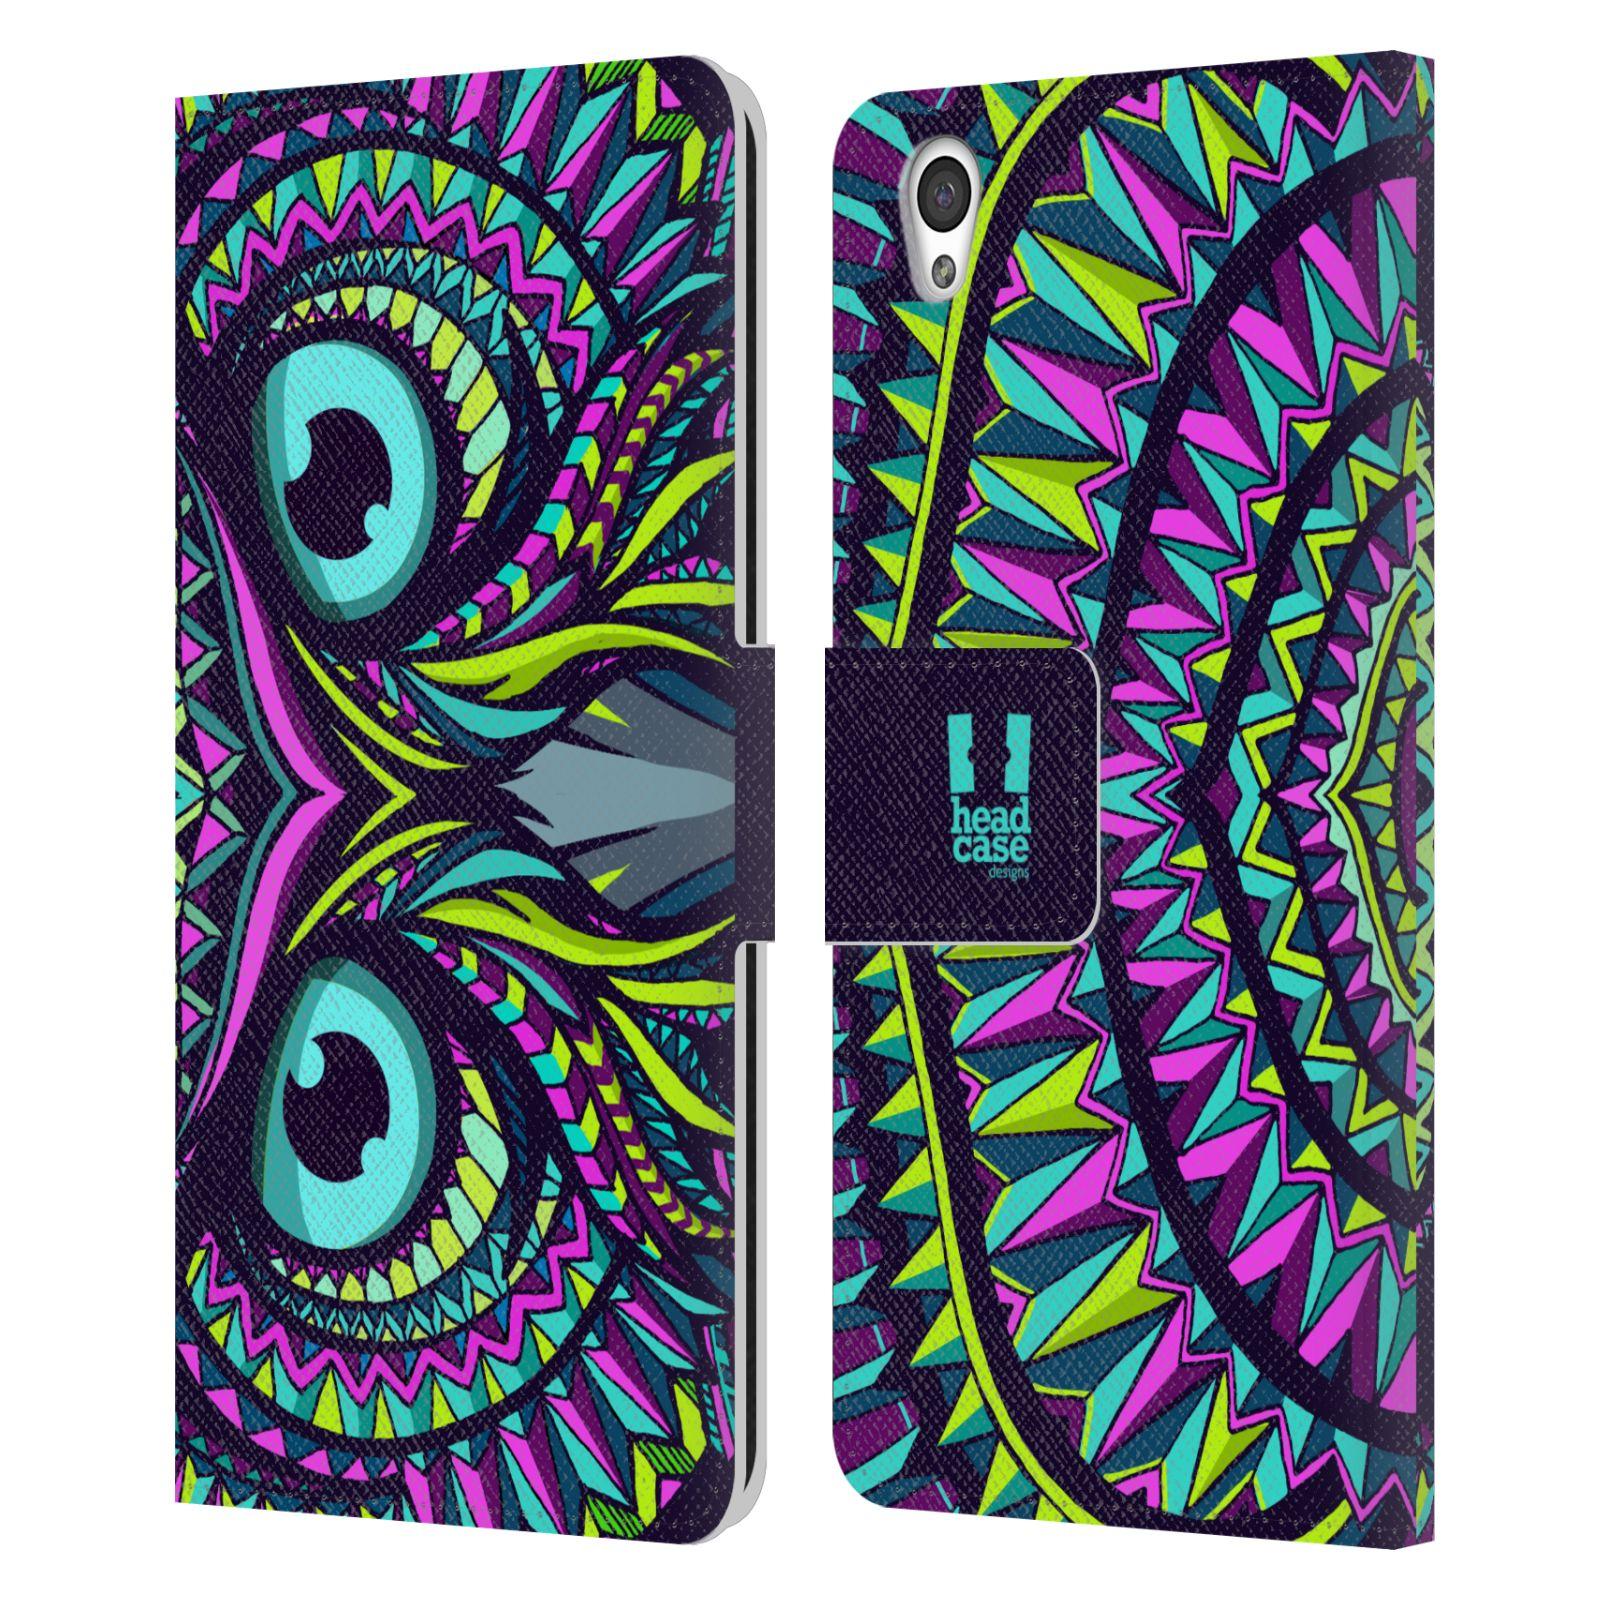 Pouzdro na mobil OnePlus X - Head Case - Aztécký vzor sova